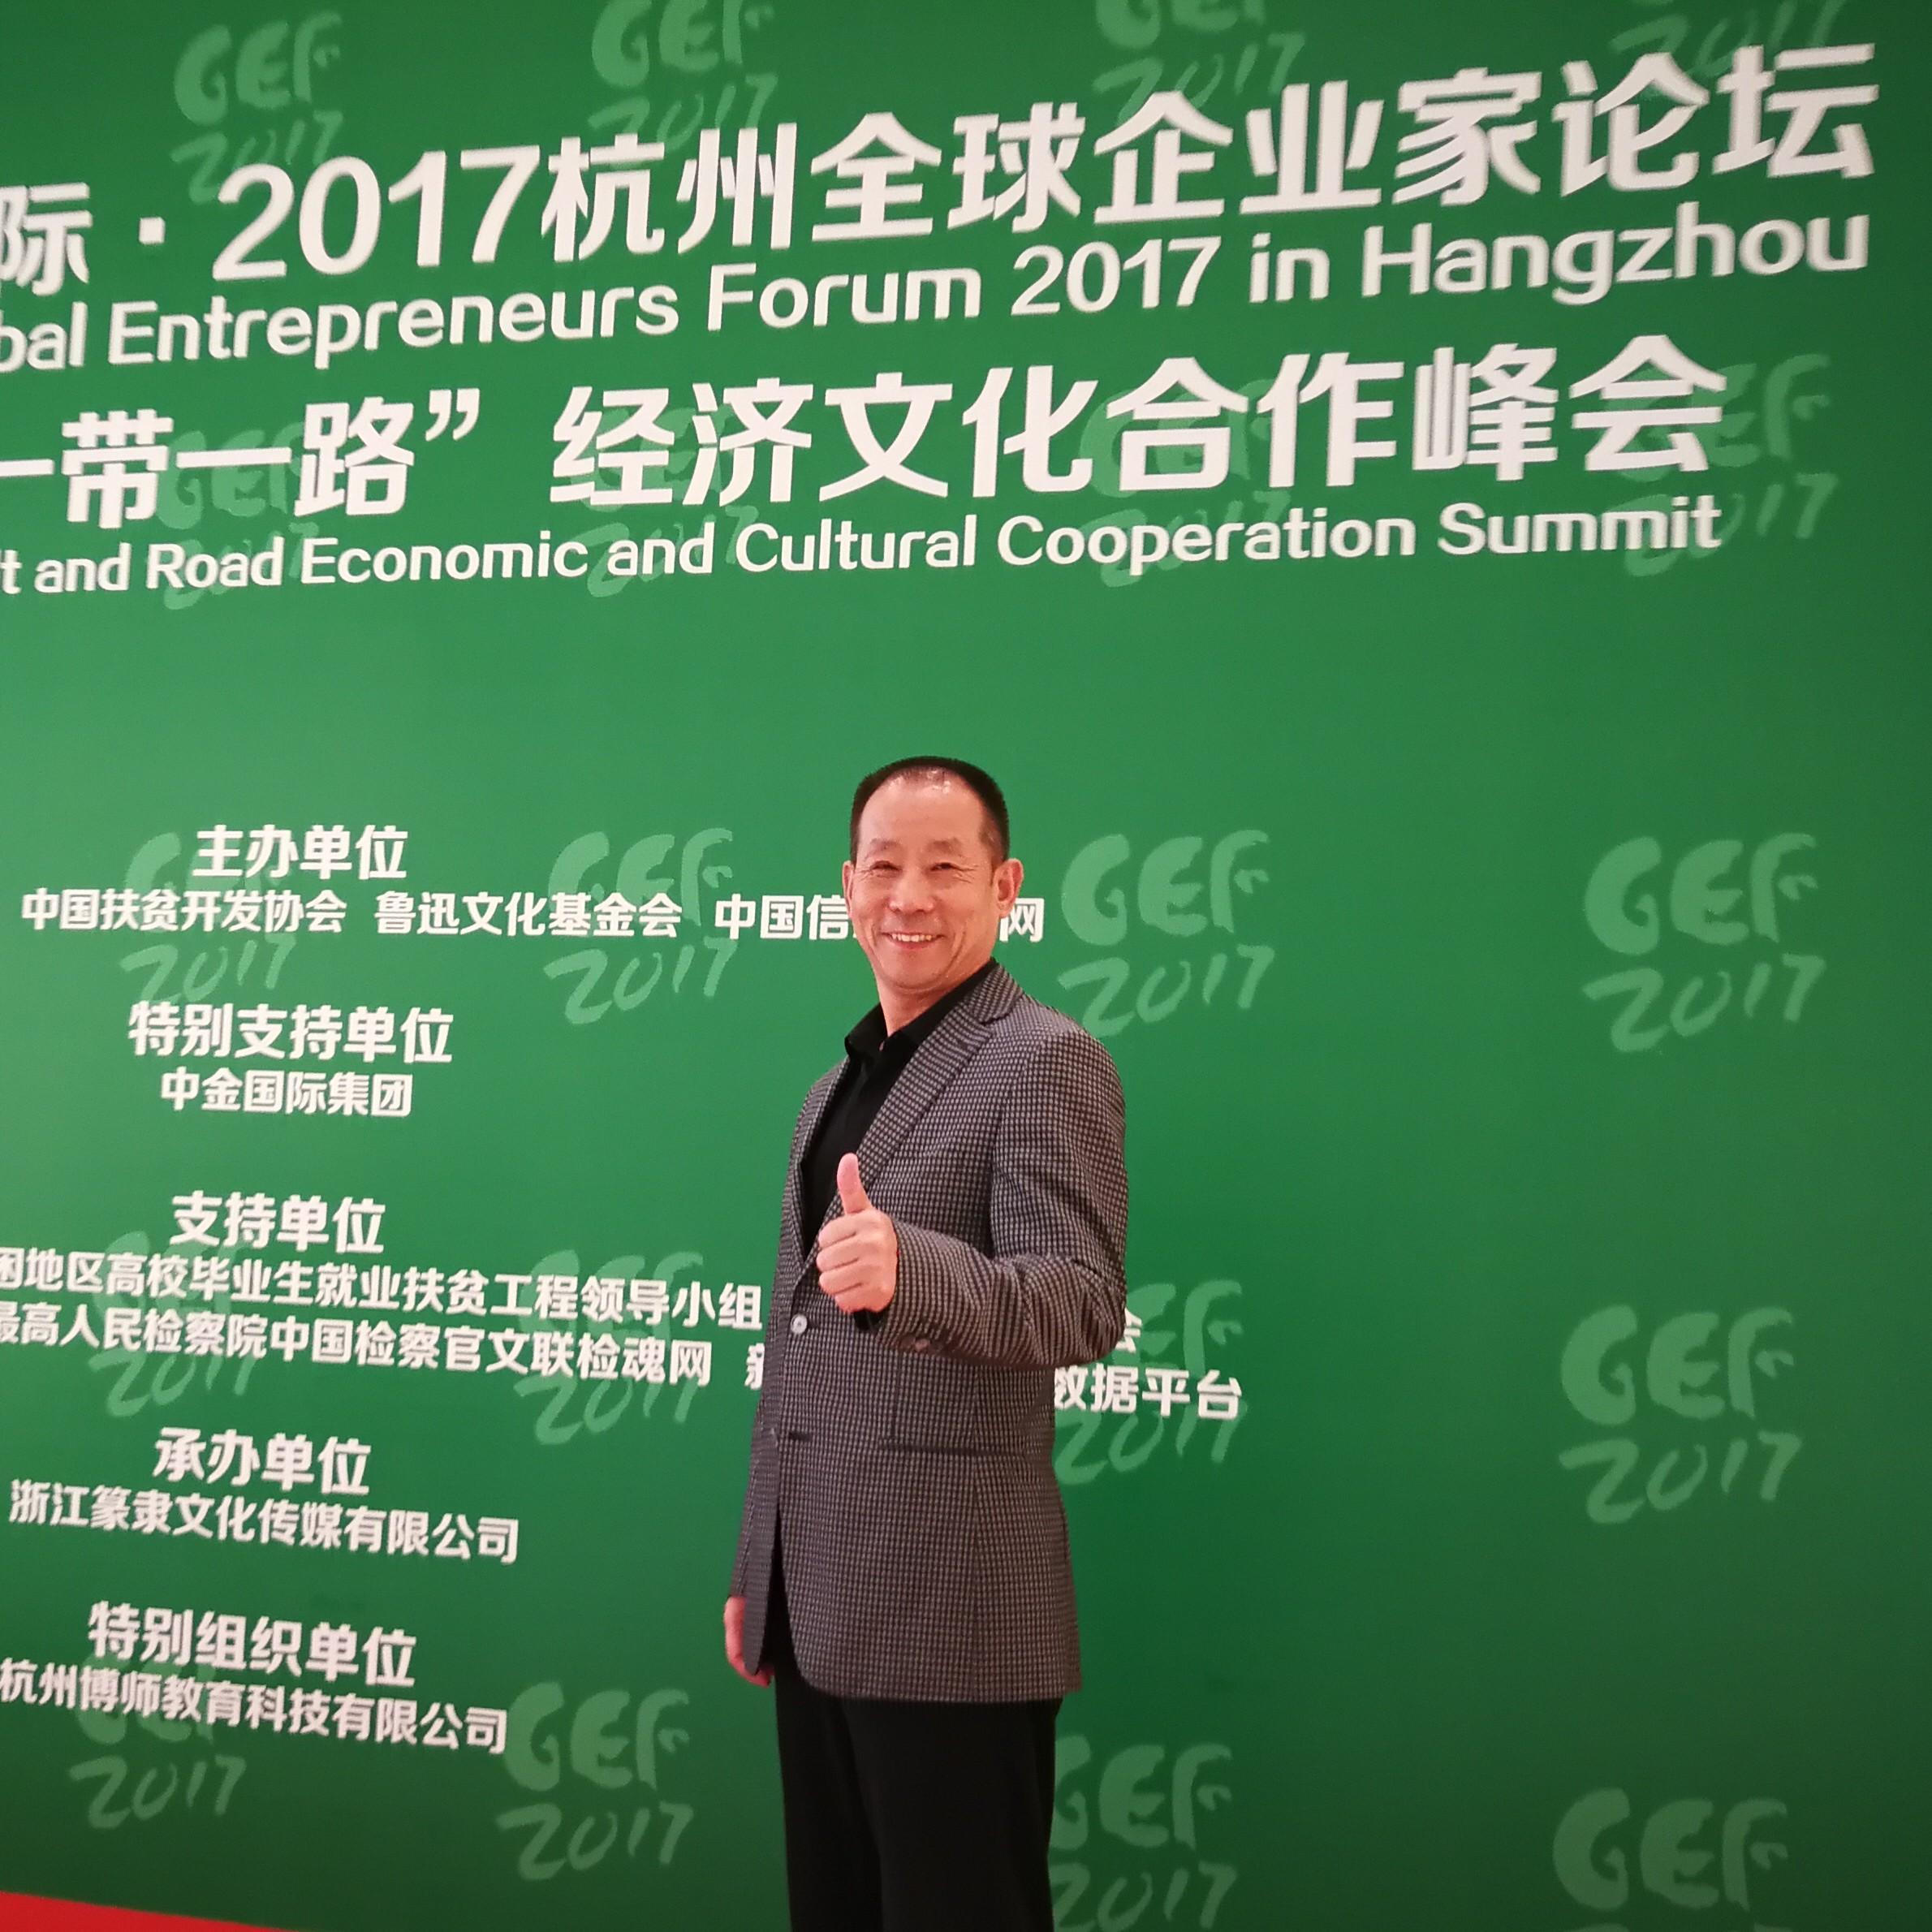 现任杭州物联宝实业有限公司监事。监事长崔会民照片